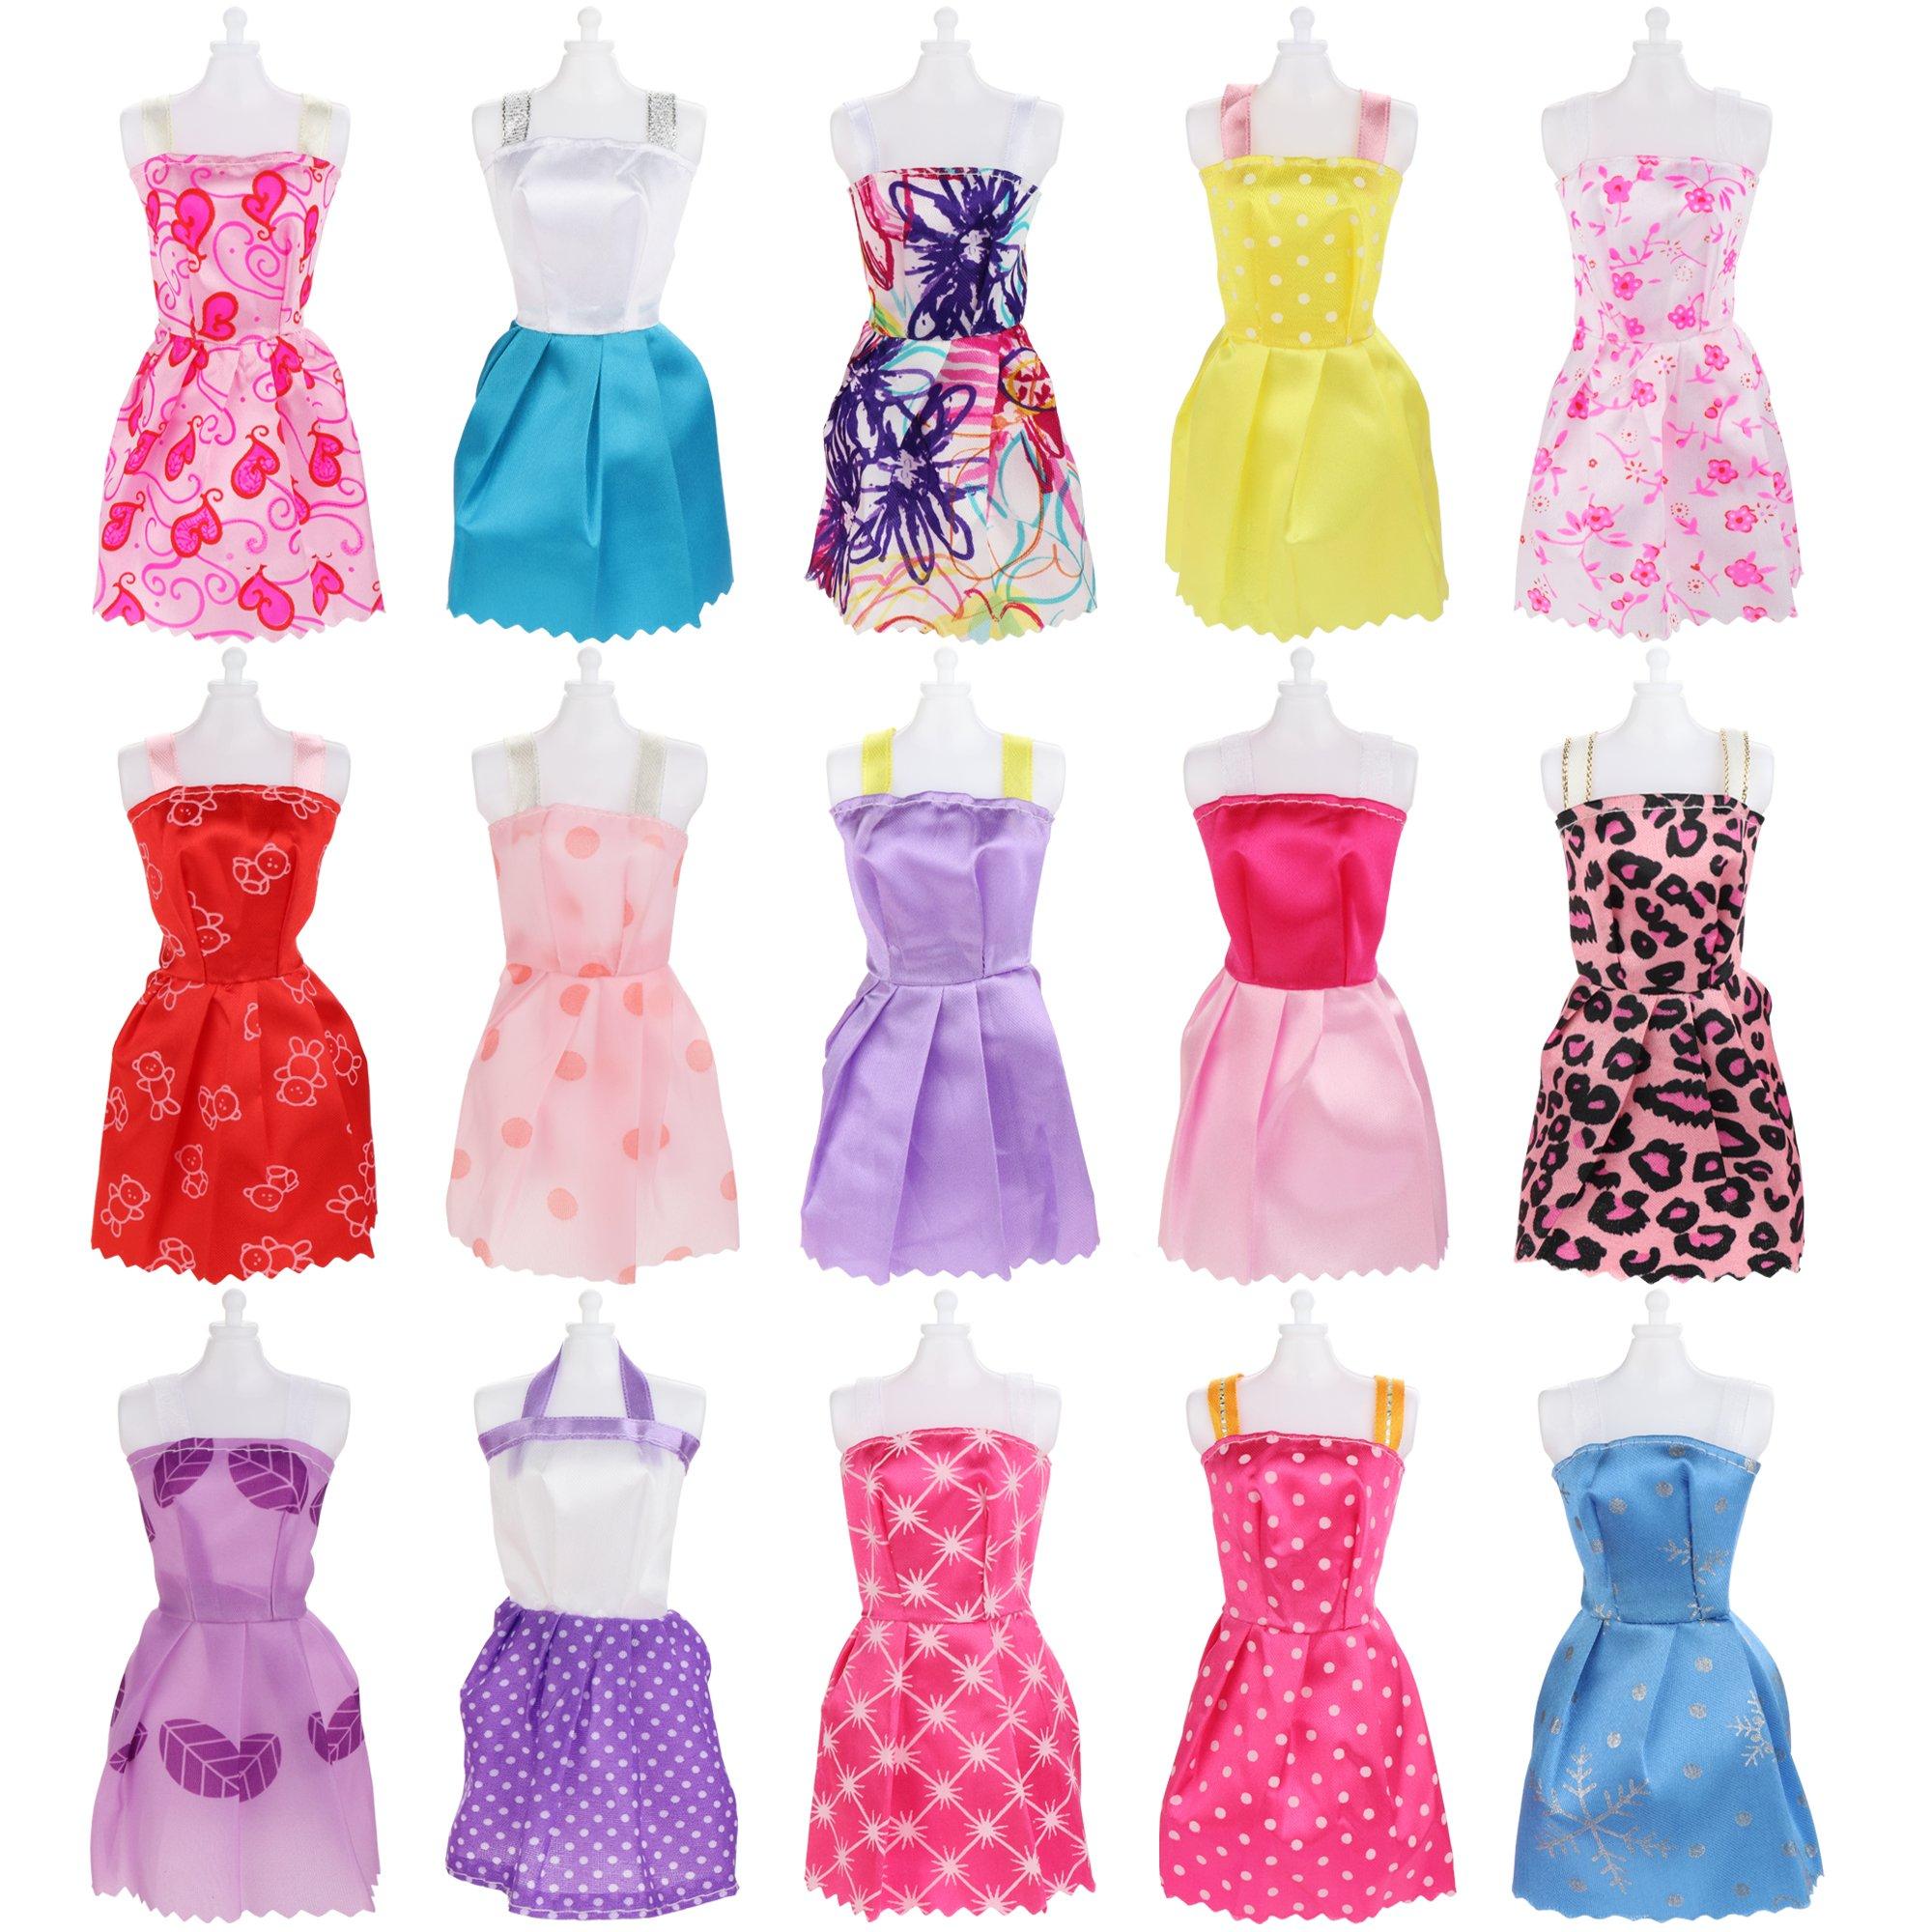 Sotogo 106 Pcs Barbie Doll Clothes Set Include 15 Pack Barbie